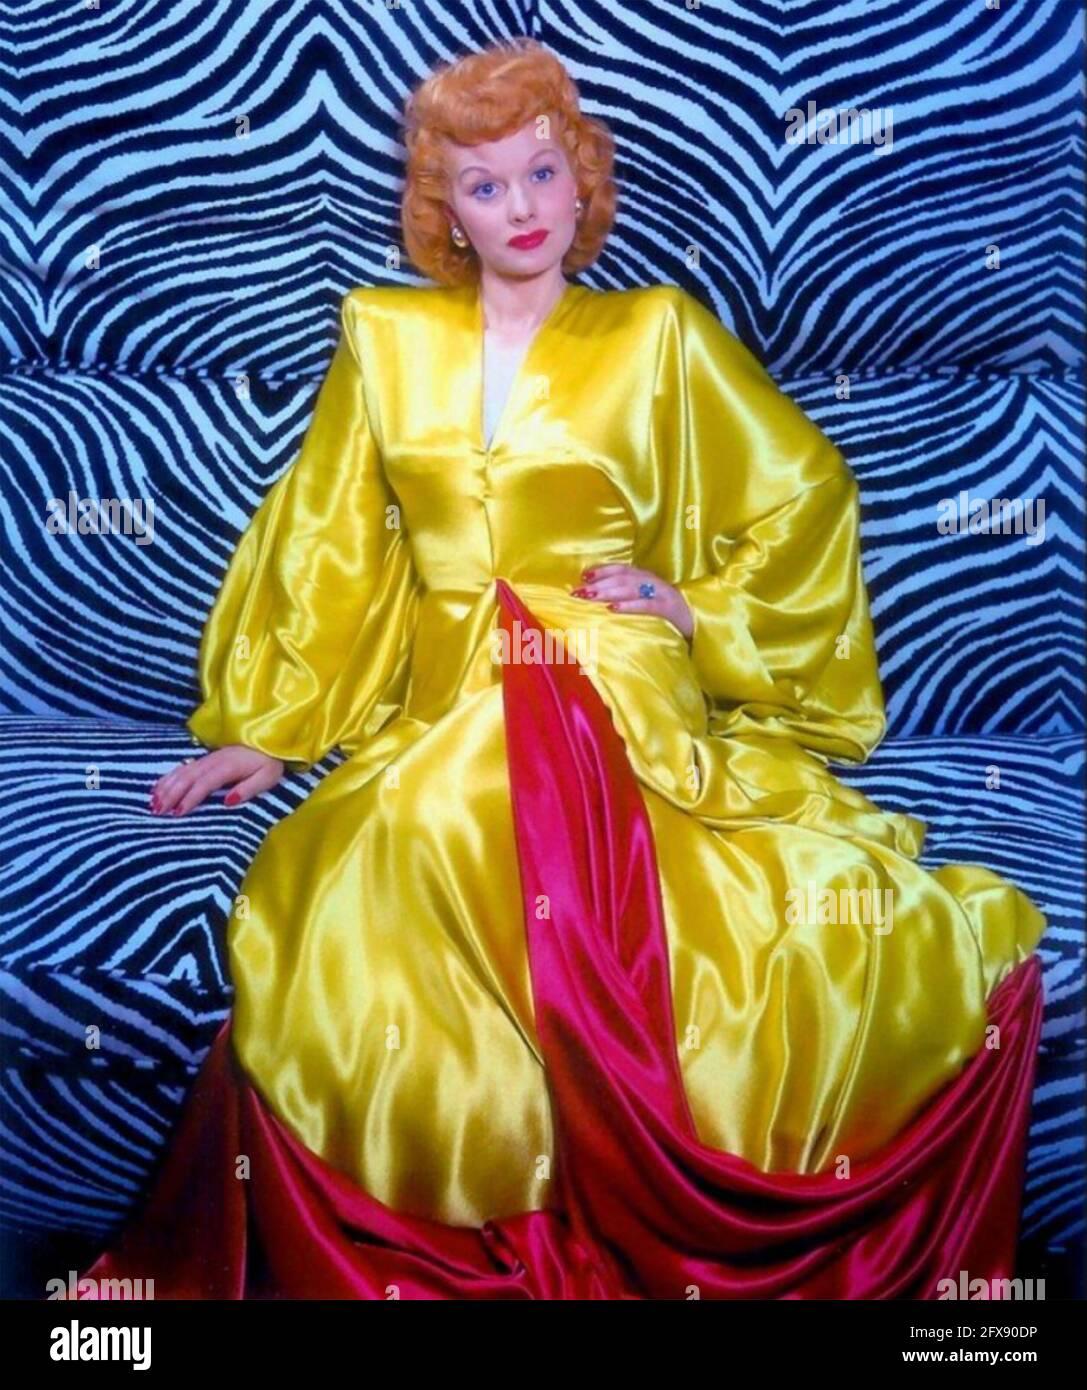 LUCILLE BALL (1911-1989) attrice e produttore cinematografico americano circa 1945 Foto Stock